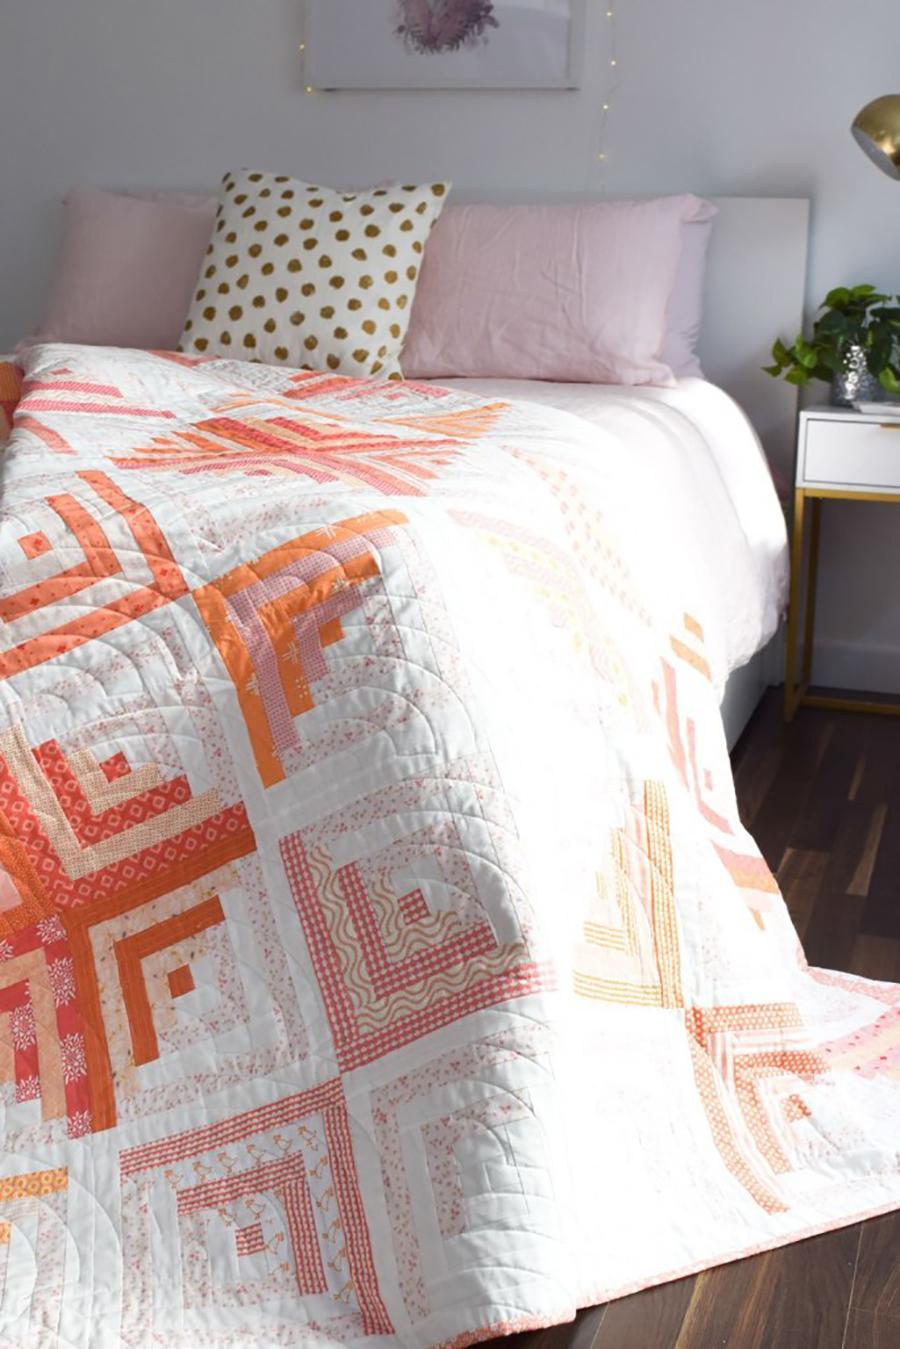 quilt con diseños geométricos en naranjo y rosado para decoración de de dormitorio